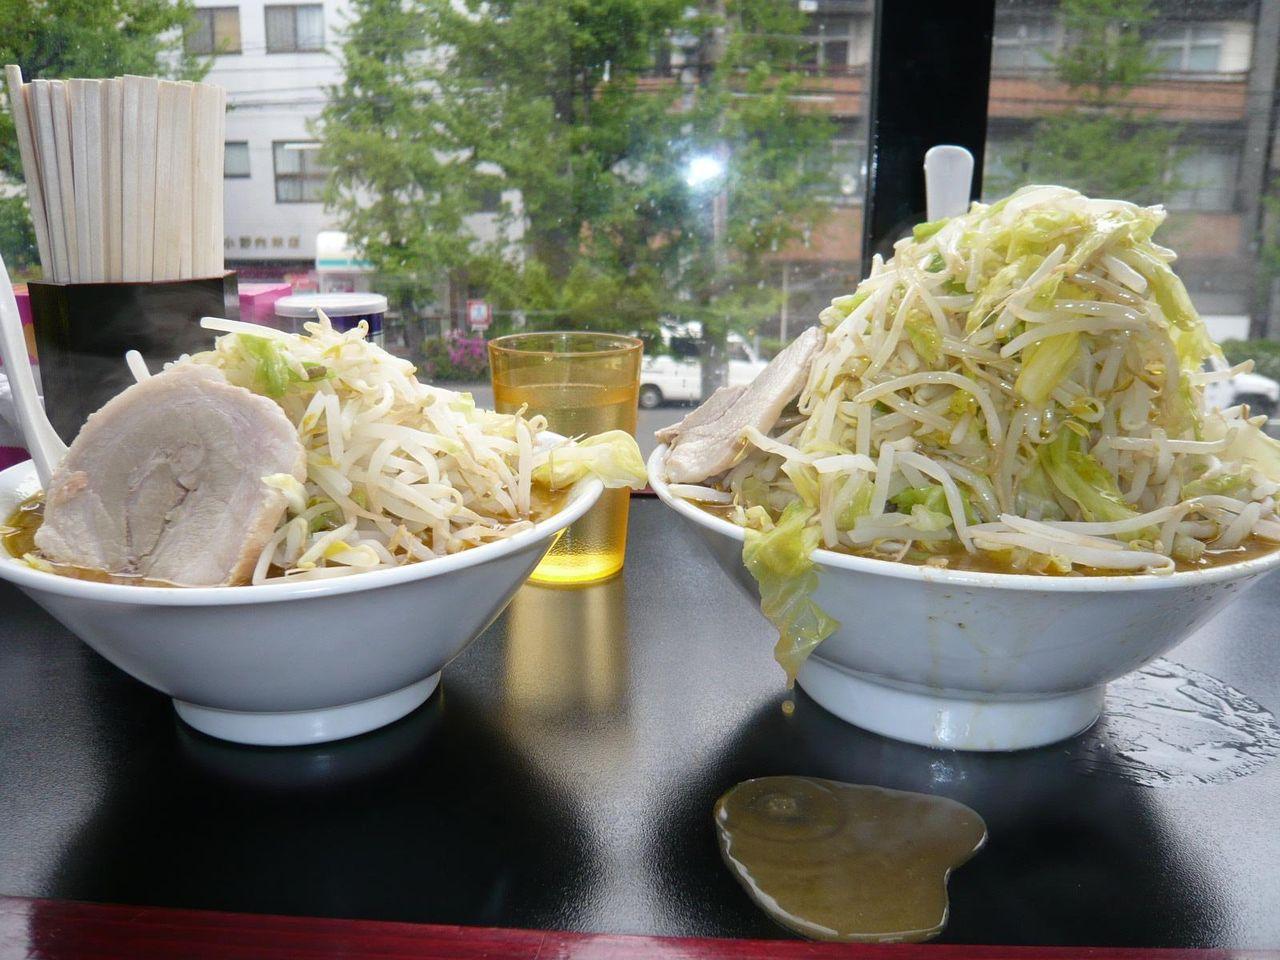 左はノーマル、右は野菜増し増し、明らかにデカイ!